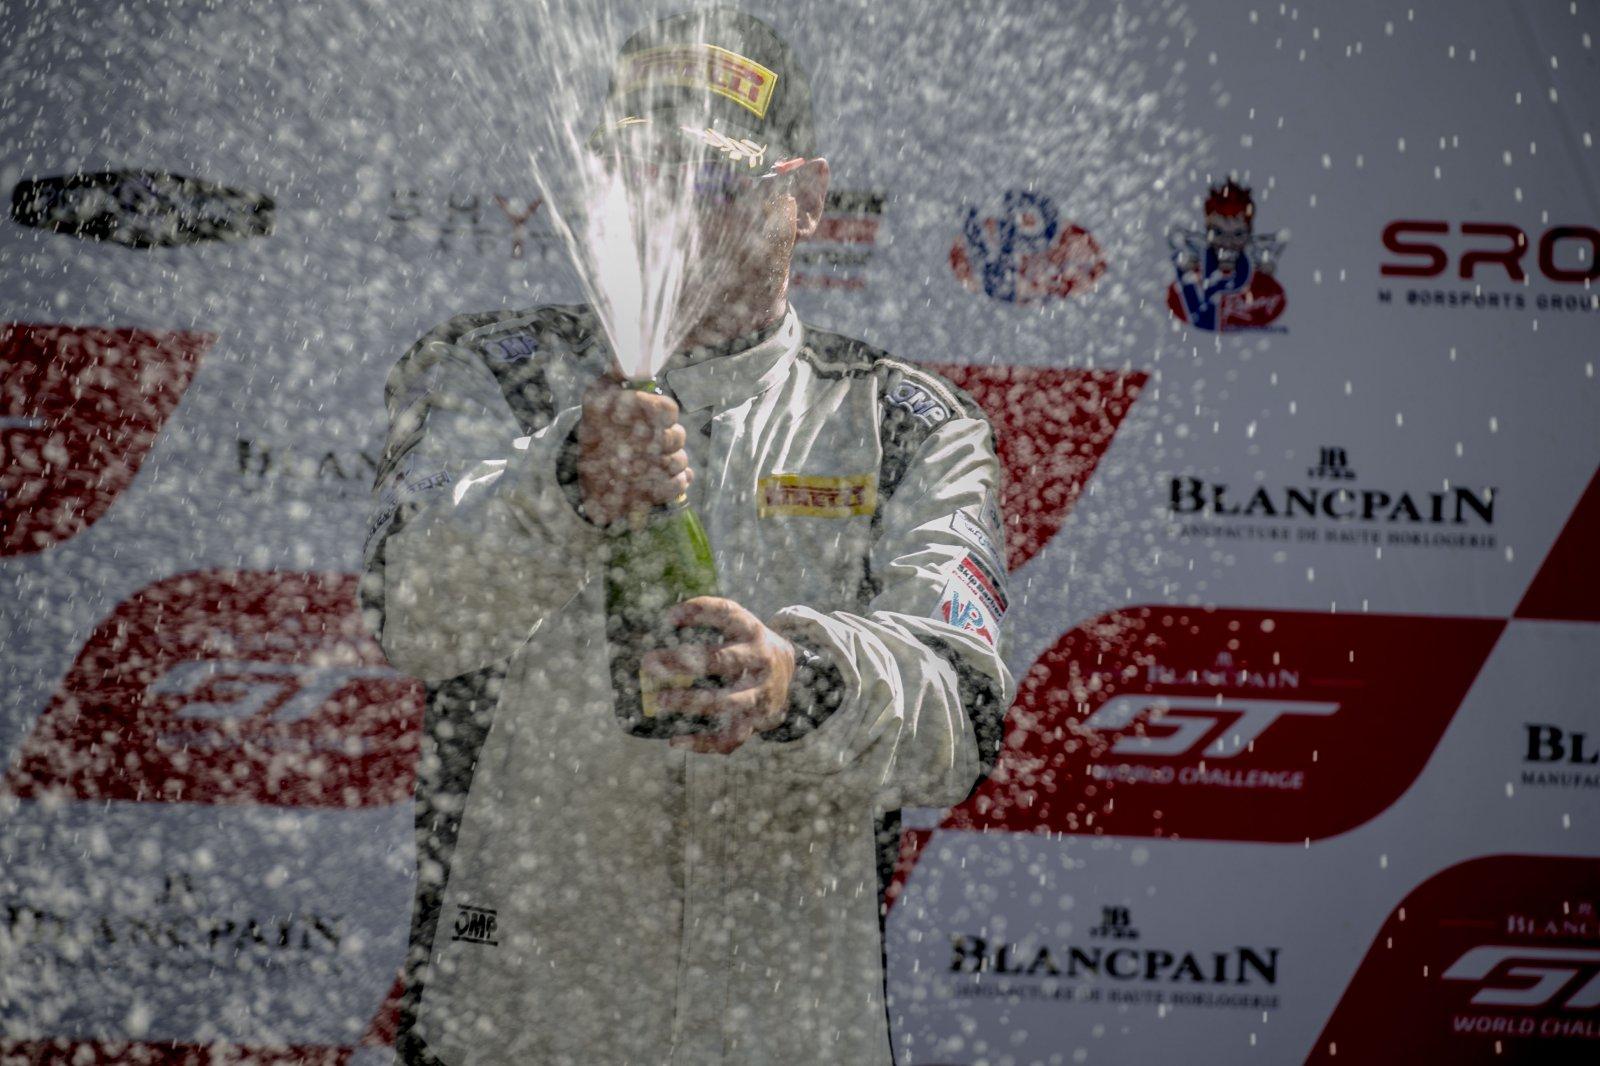 champagne  SRO at Sonoma Raceway, Sonoma CA